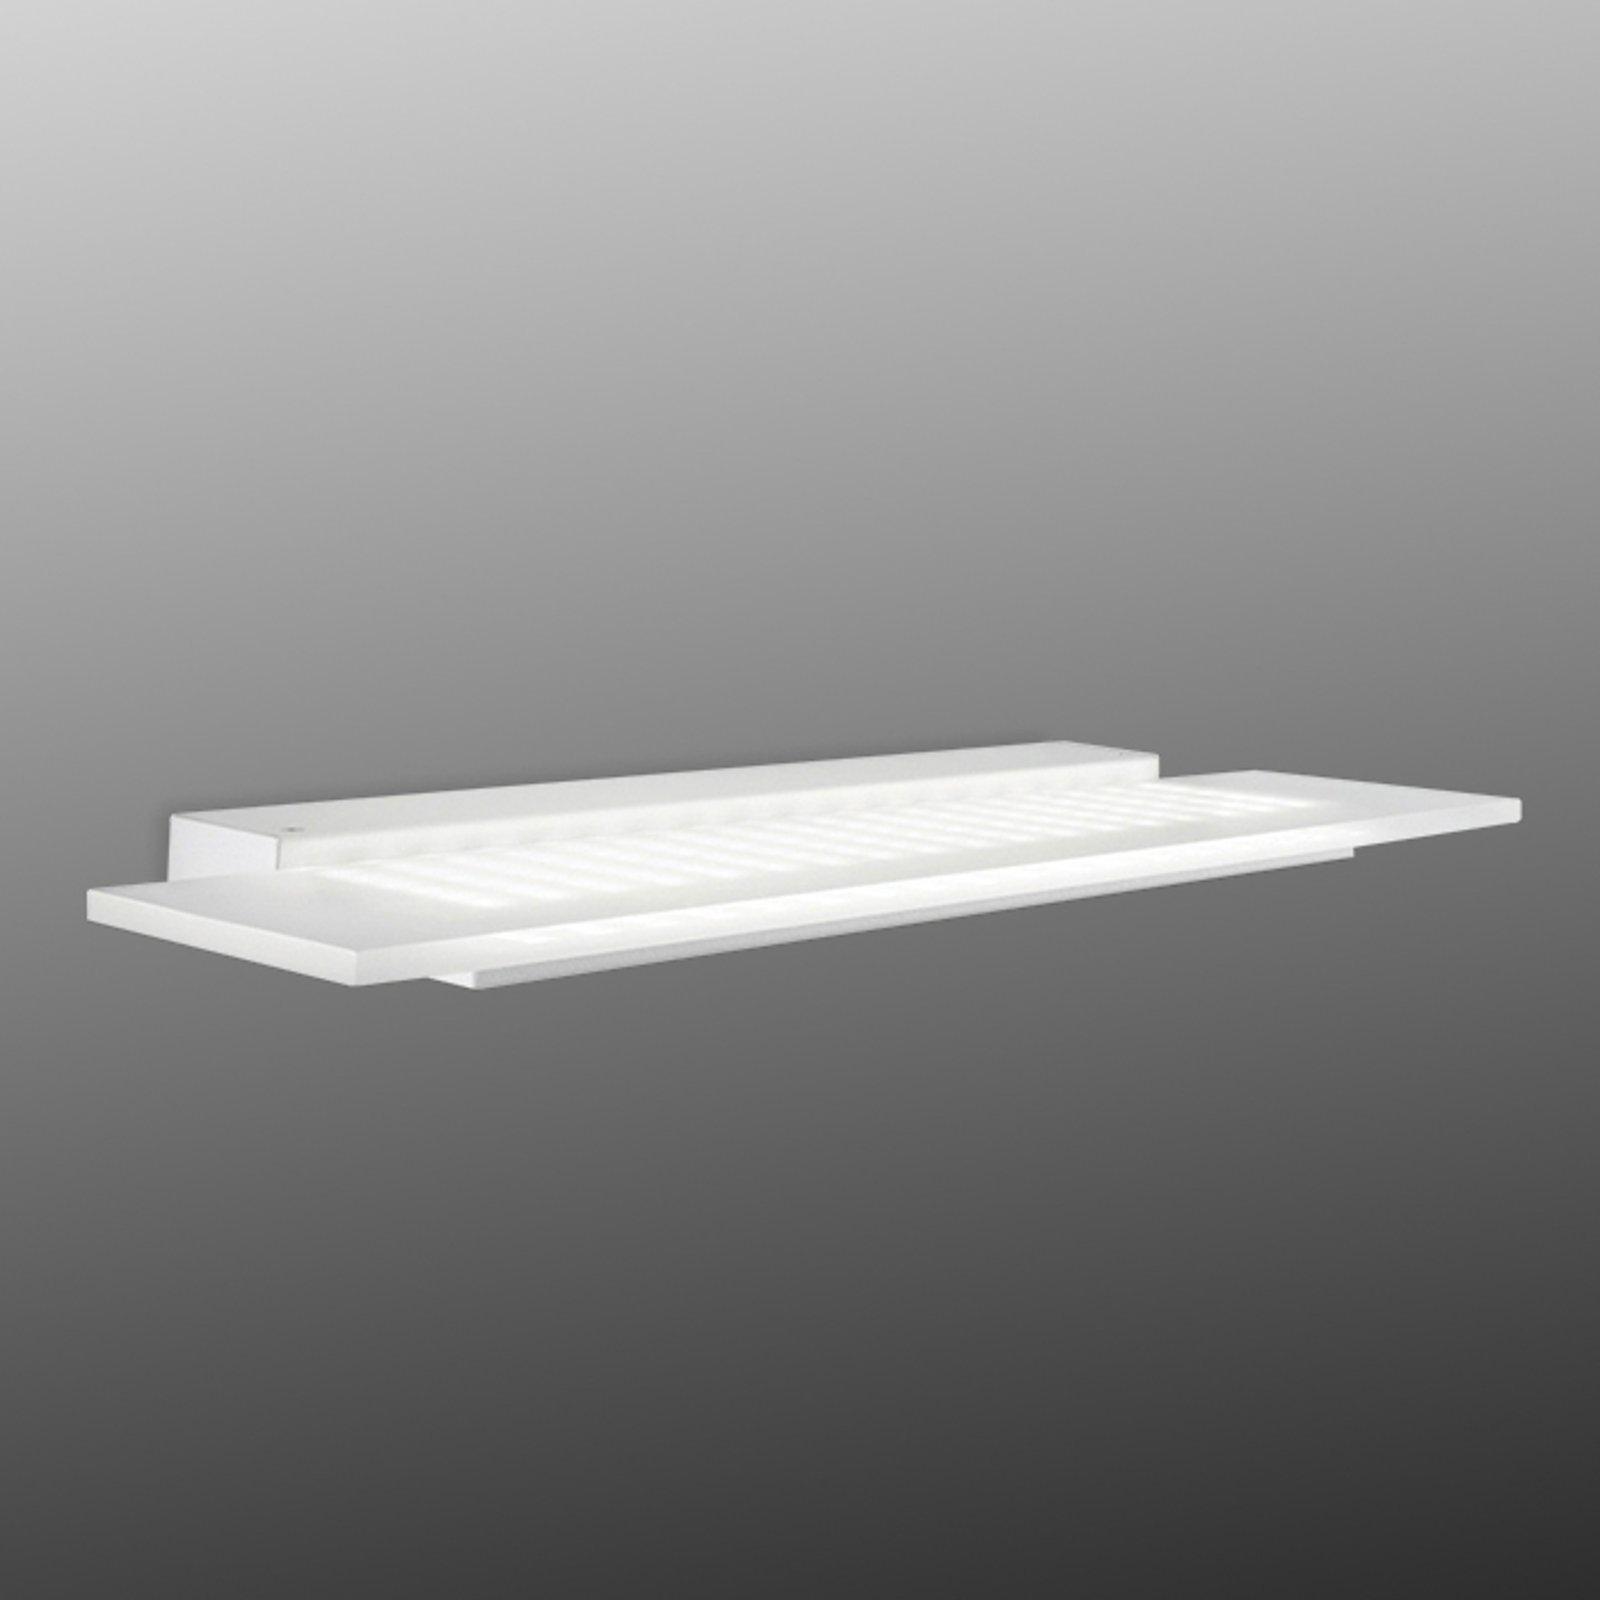 Dublight – LED-vegglampe, 48 cm